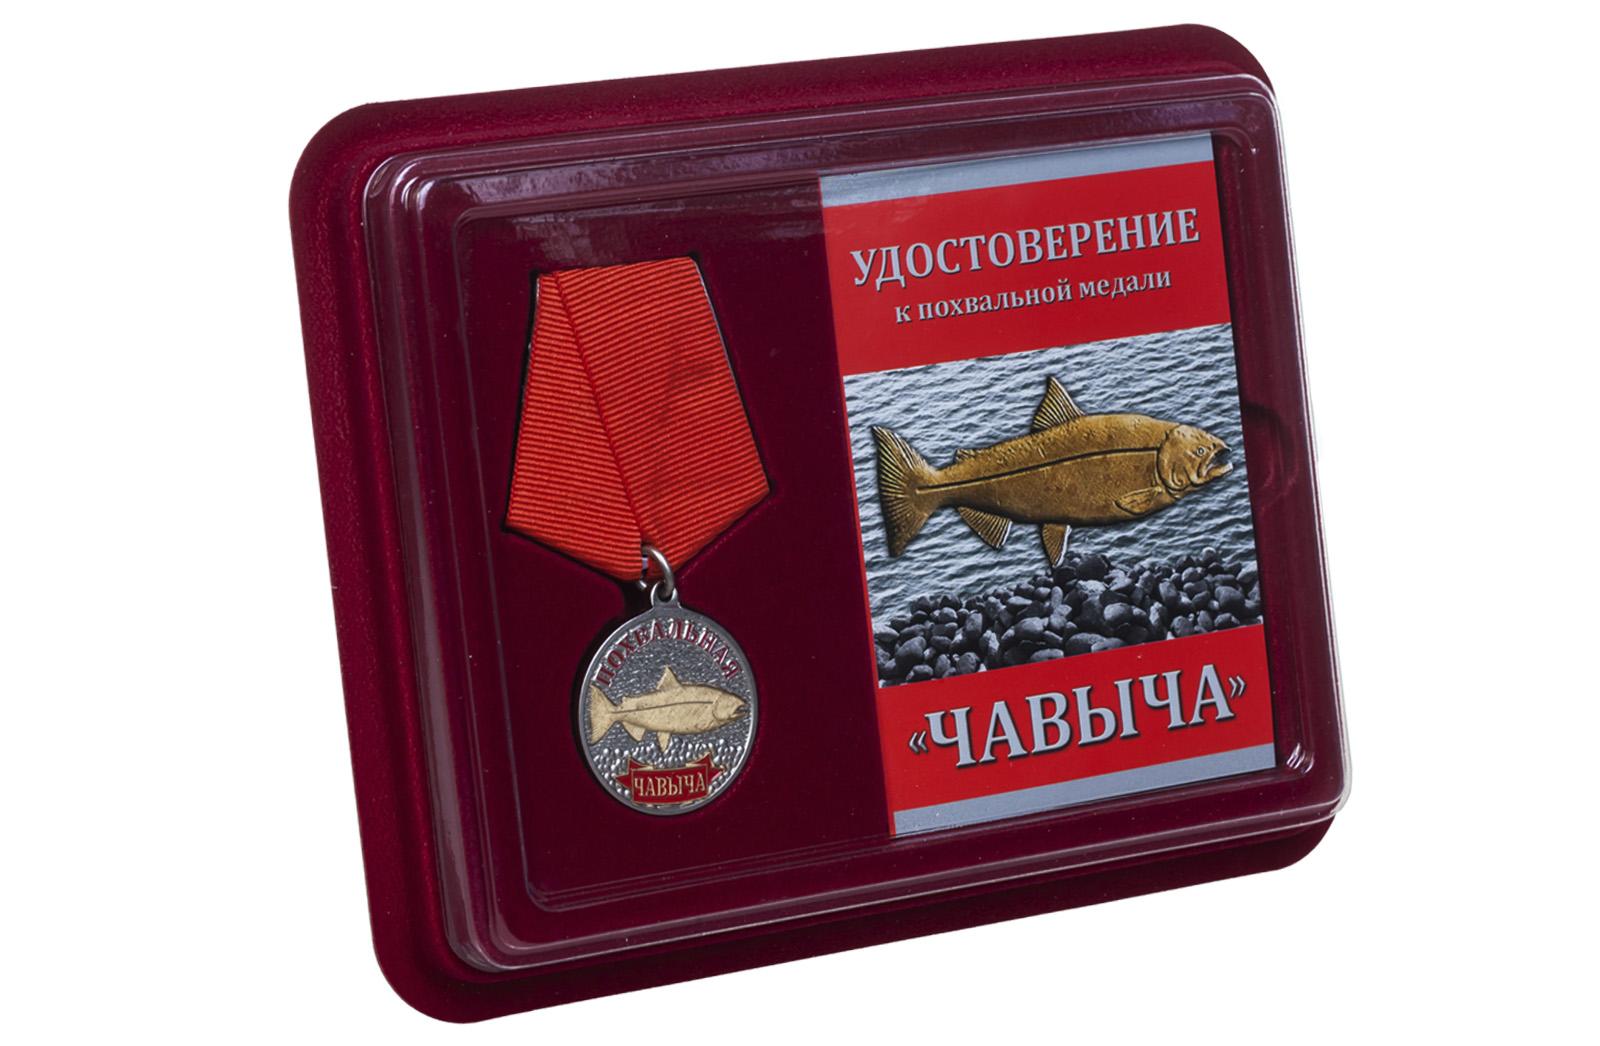 Купить подарочную медаль рыбаку Чавыча в подарок любимому